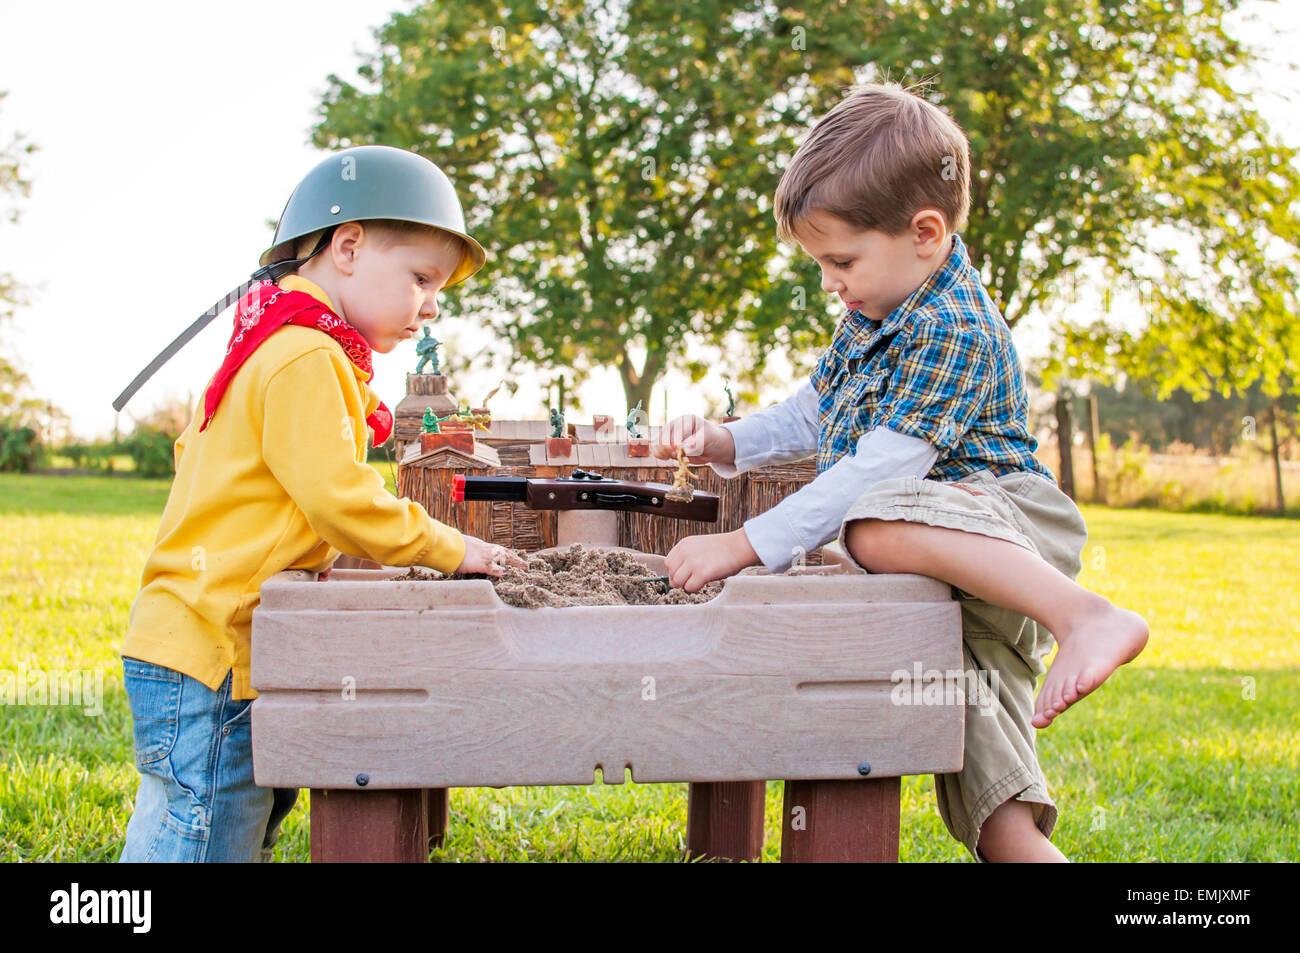 Dos muchachos jugando fort en sandbox Imagen De Stock